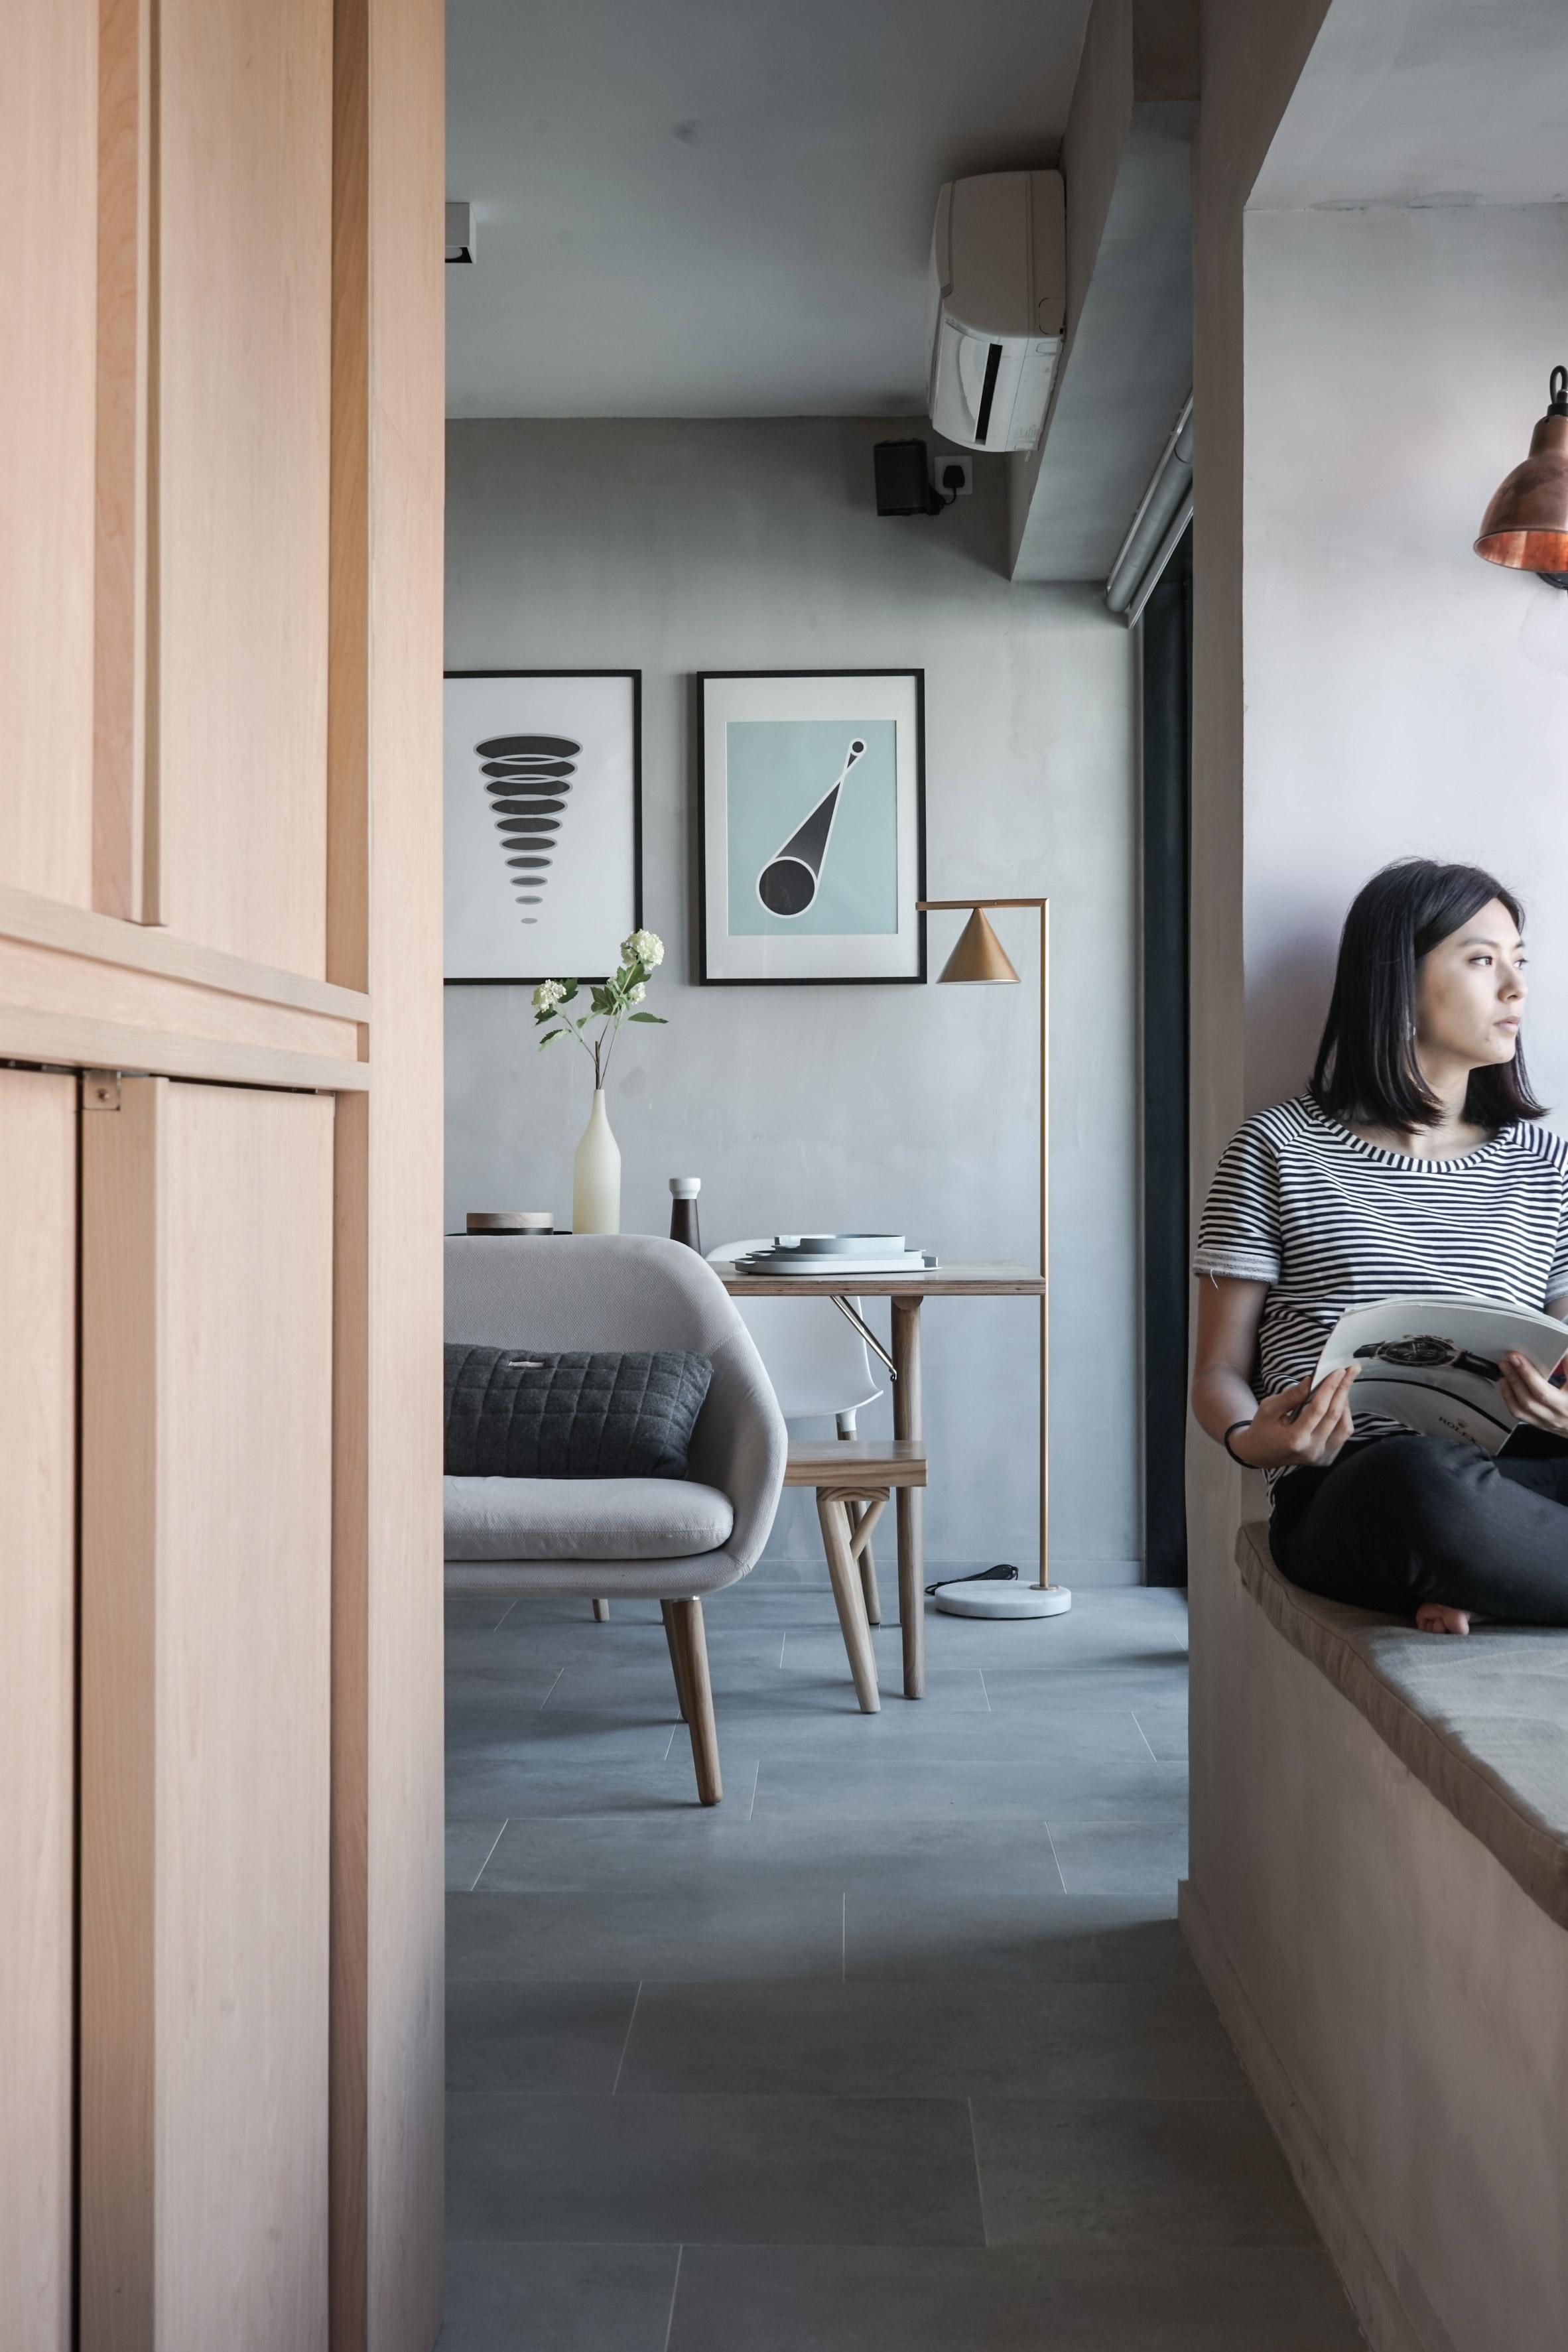 small space interiors studio jaak apartment in hong kong - Small Space Interiors